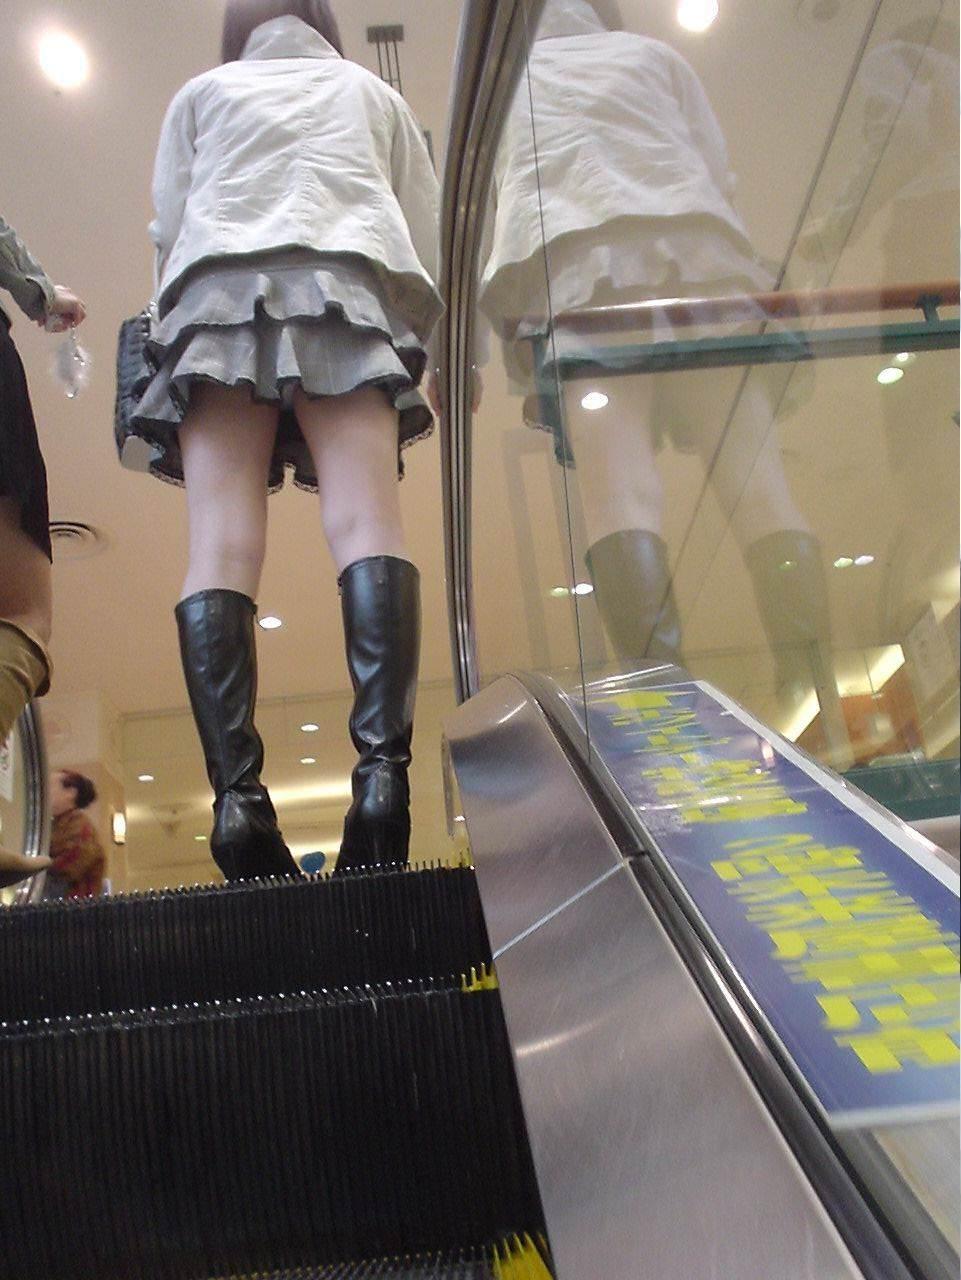 パンチラスポットのエスカレーターで素人お姉さんのパンツをガチ盗み撮りwww 18130